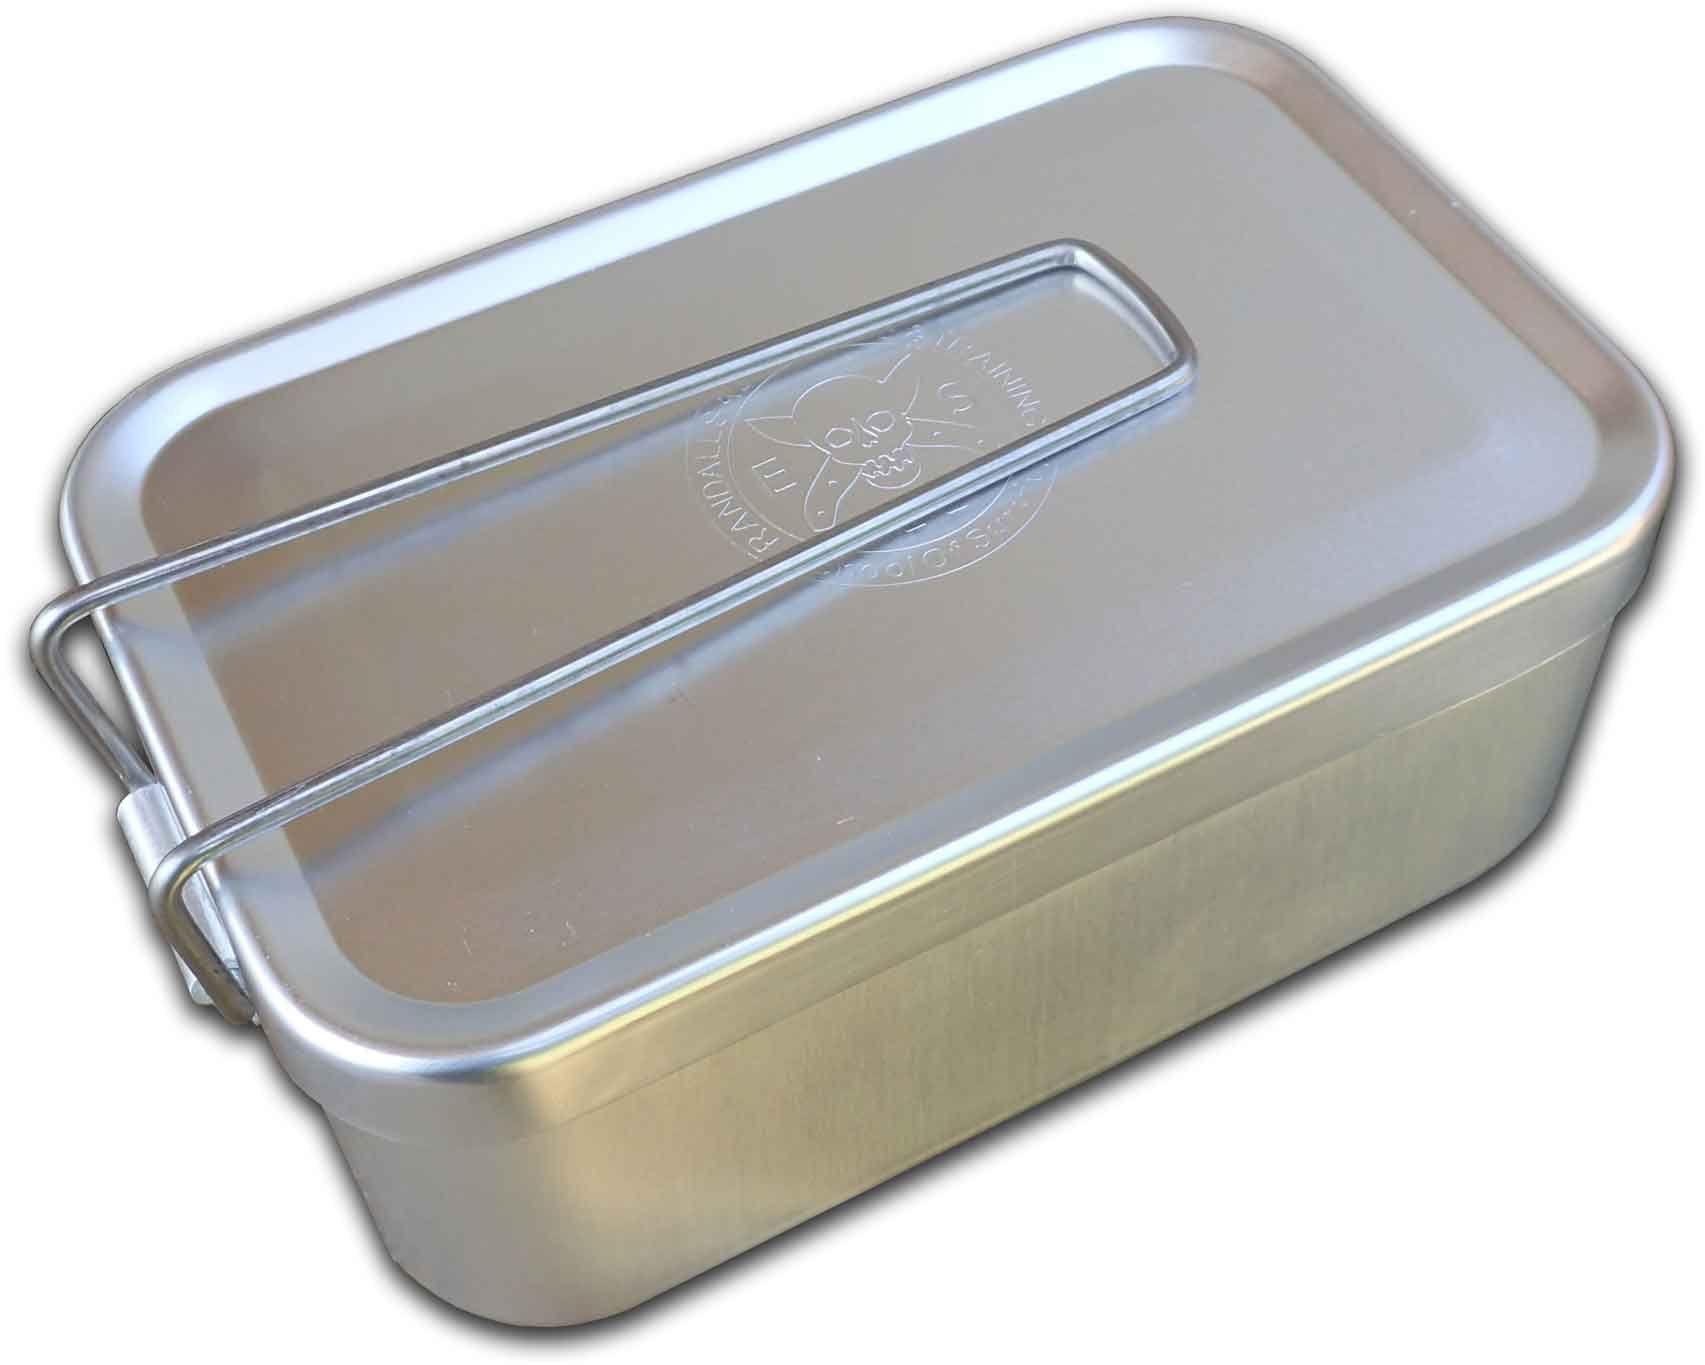 ESEE Knives KIT-TIN Aluminum Mess/Survival Tin